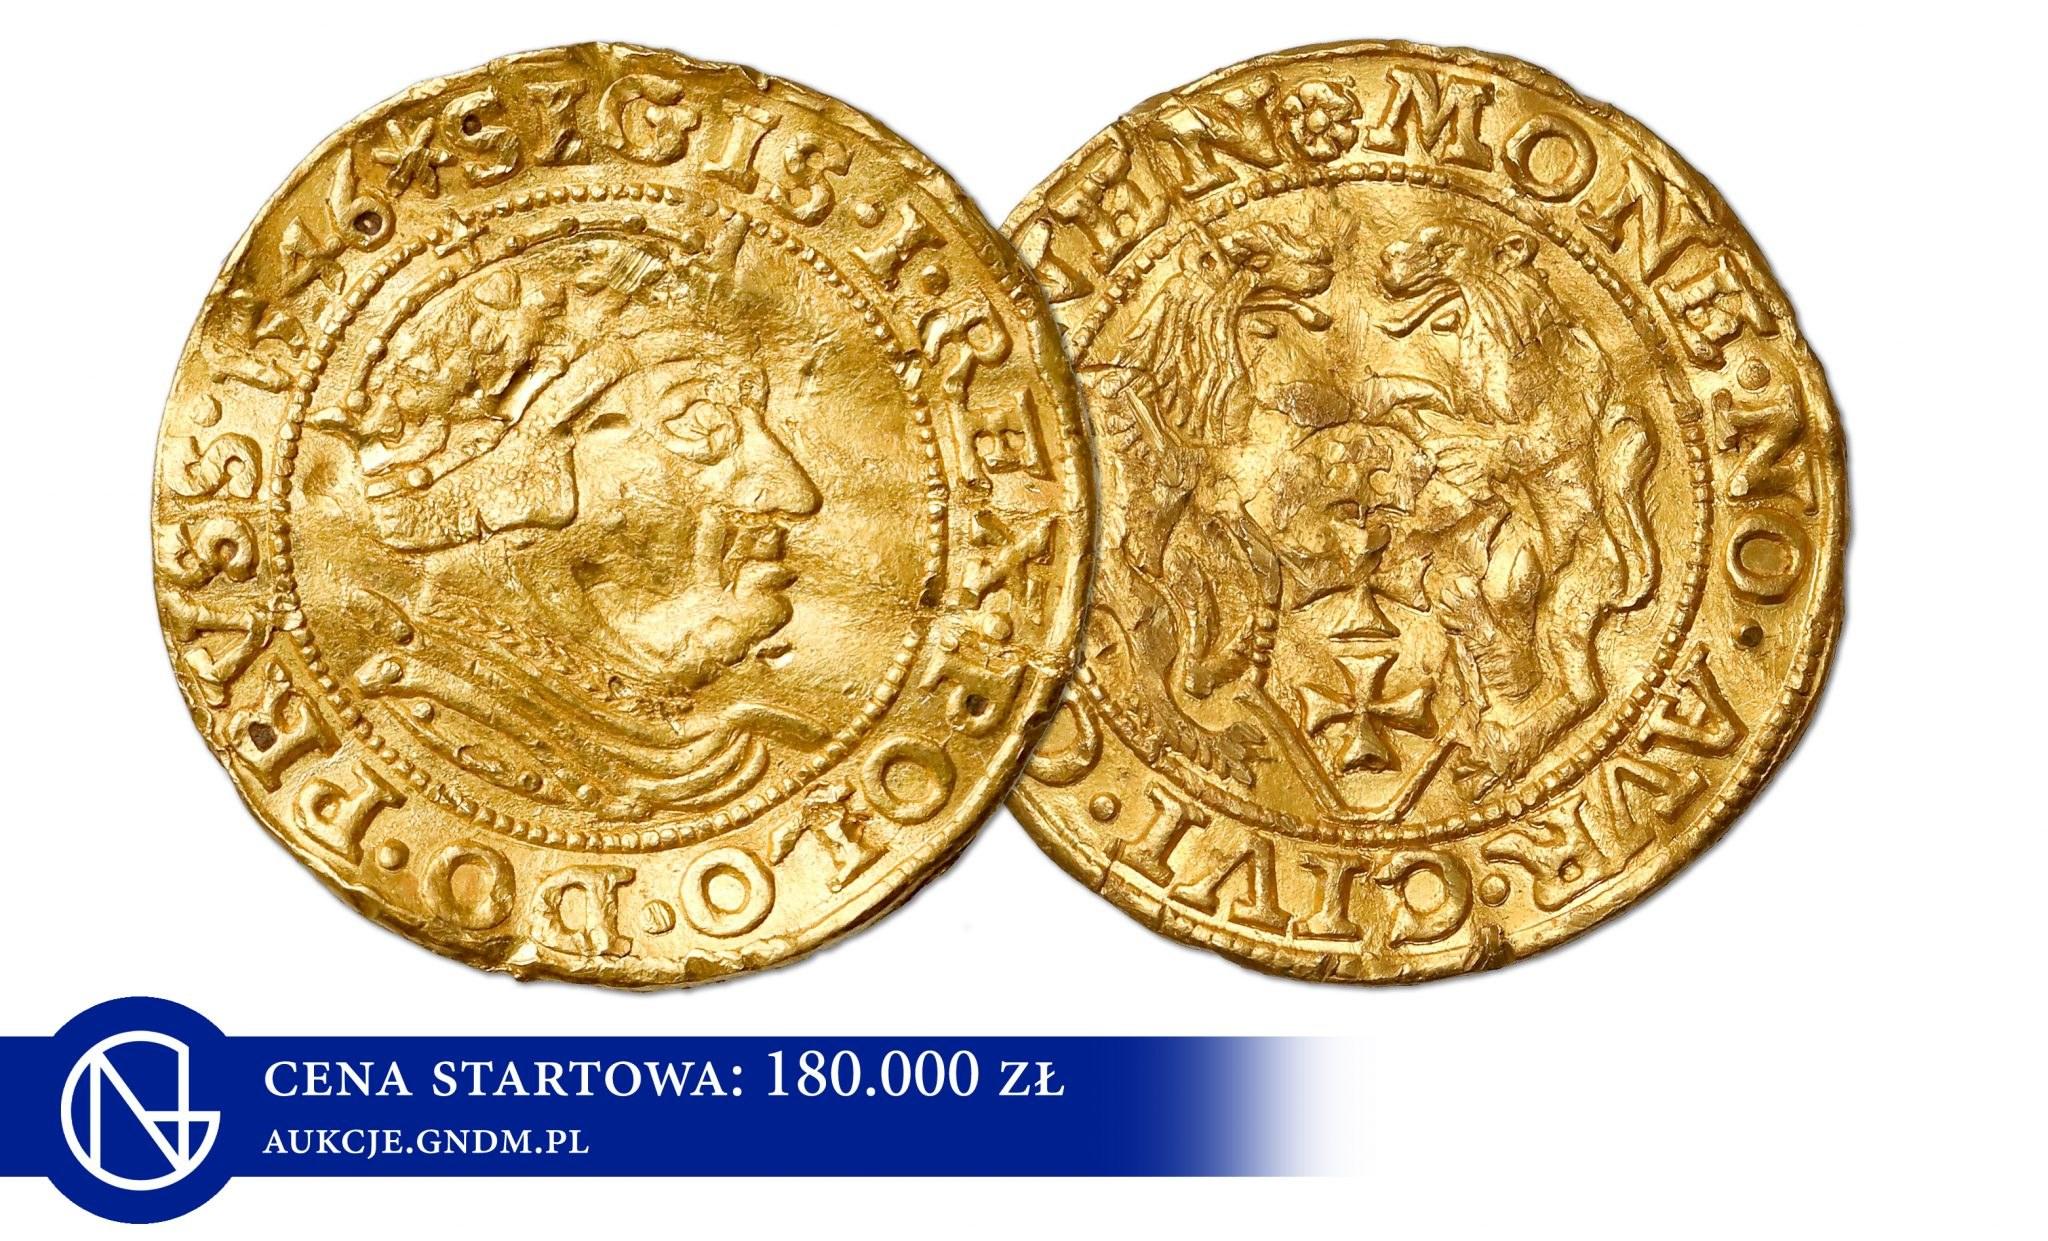 Dlaczego dukaty Zygmunta Starego kosztują setki tysięcy złotych?